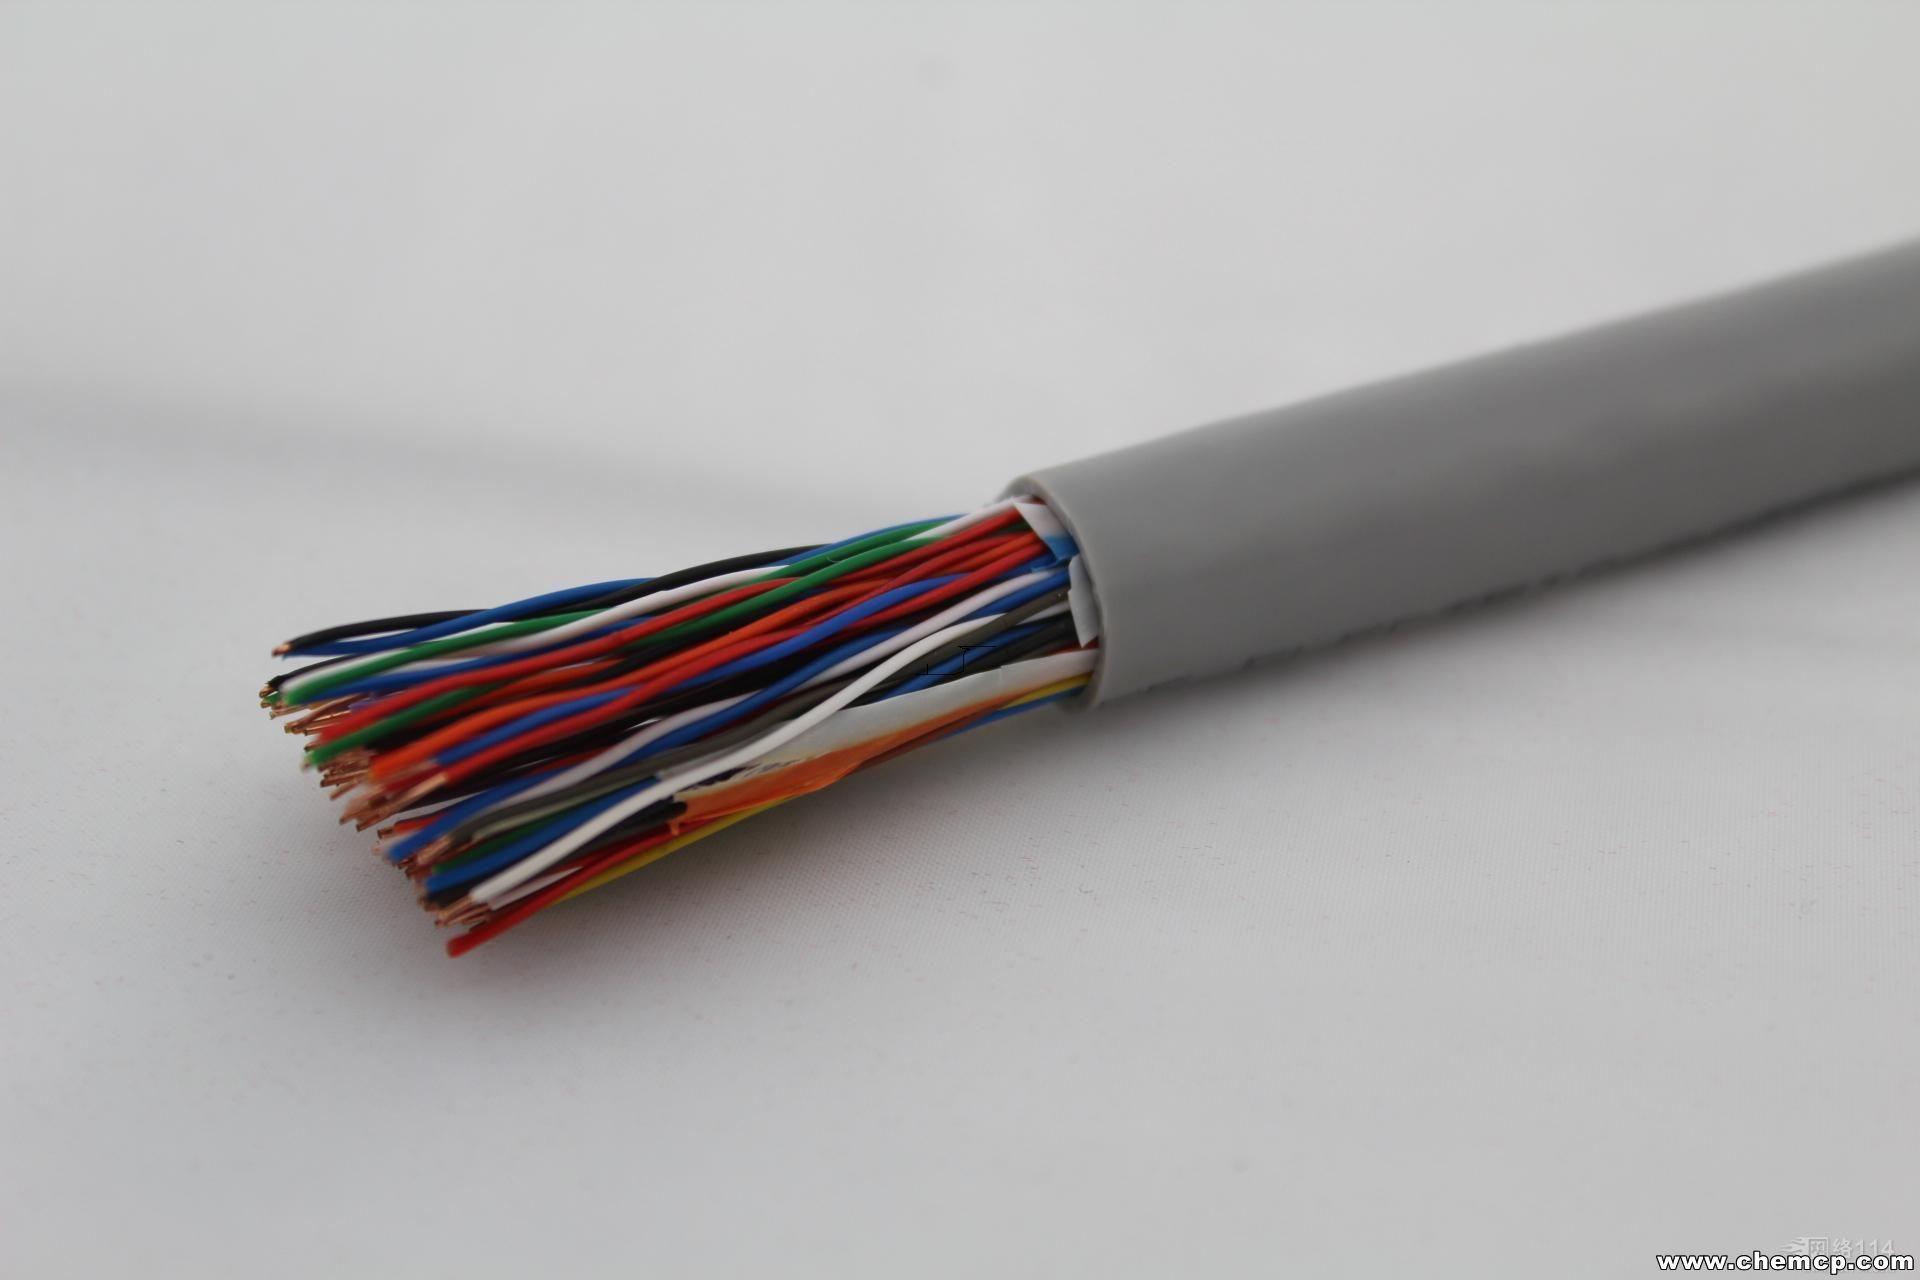 厦门-多少钱一米-IAKVV22防爆电缆正规厂家